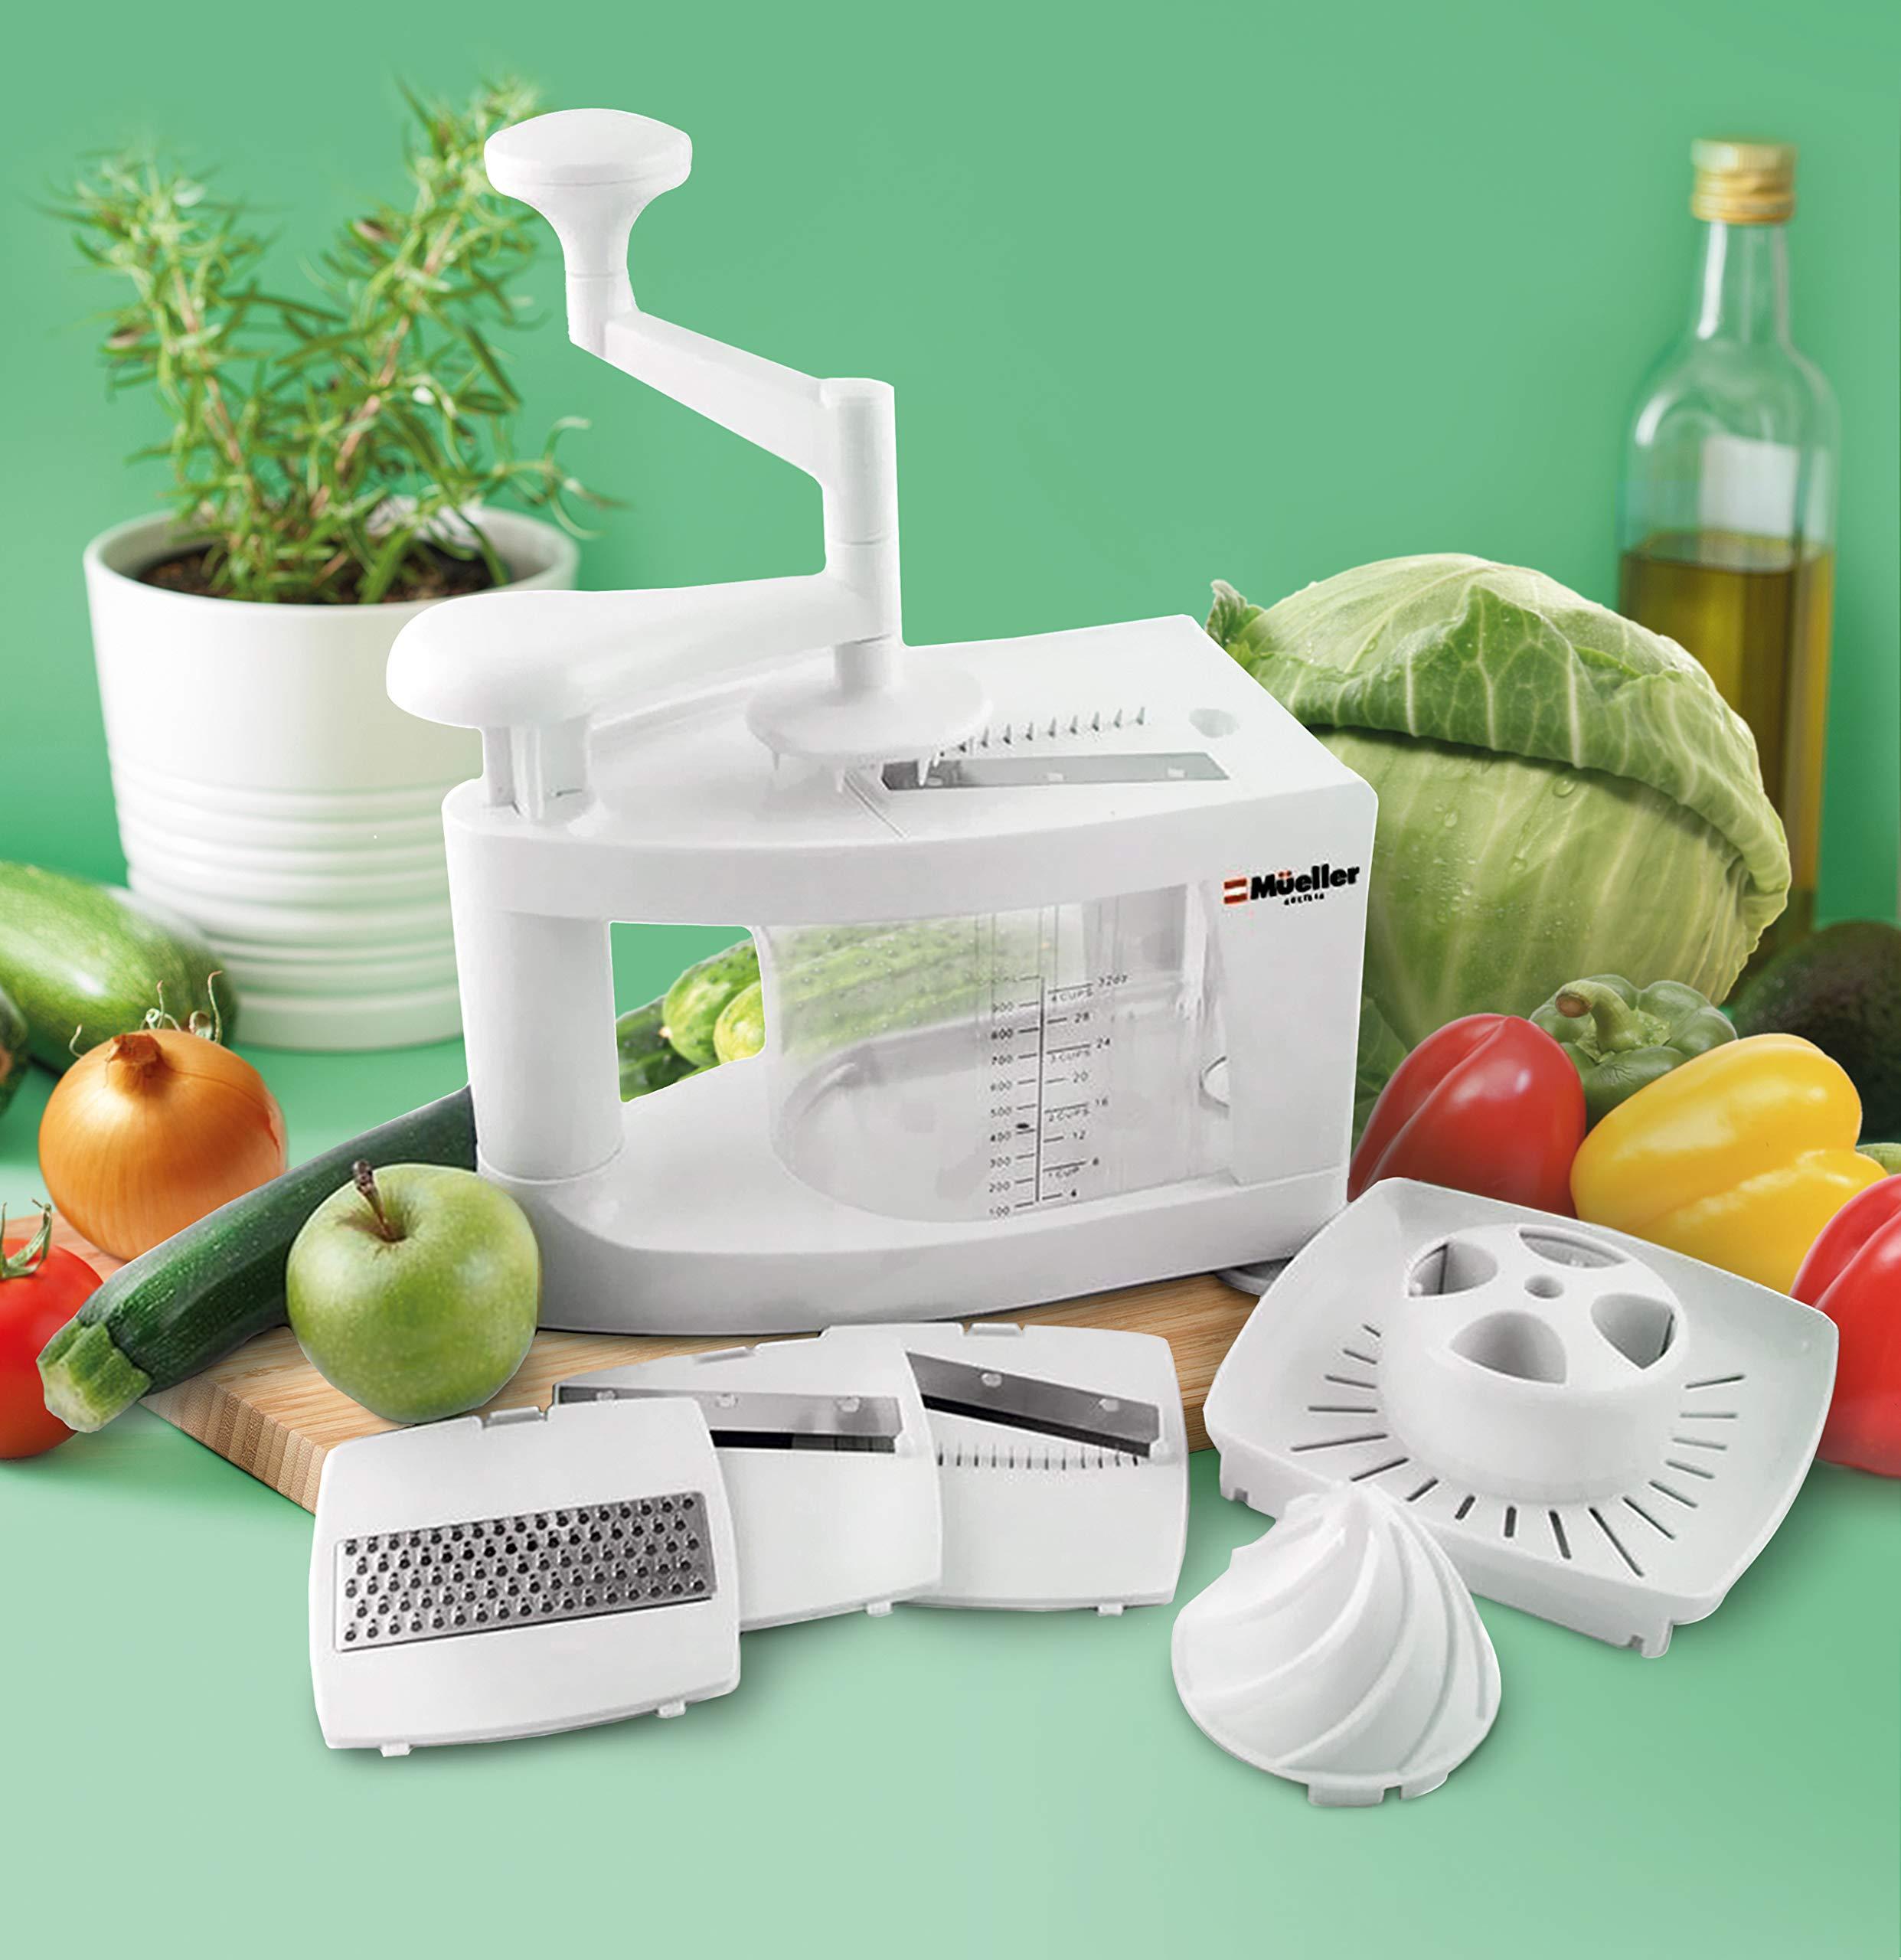 Mueller Spiral-Ultra Multi-Blade Spiralizer, 8 into 1 Spiral Slicer, Heavy Duty Salad Utensil, Vegetable Pasta Maker and Mandoline Slicer for Low Carb/Paleo/Gluten-Free Meals by Mueller (Image #5)